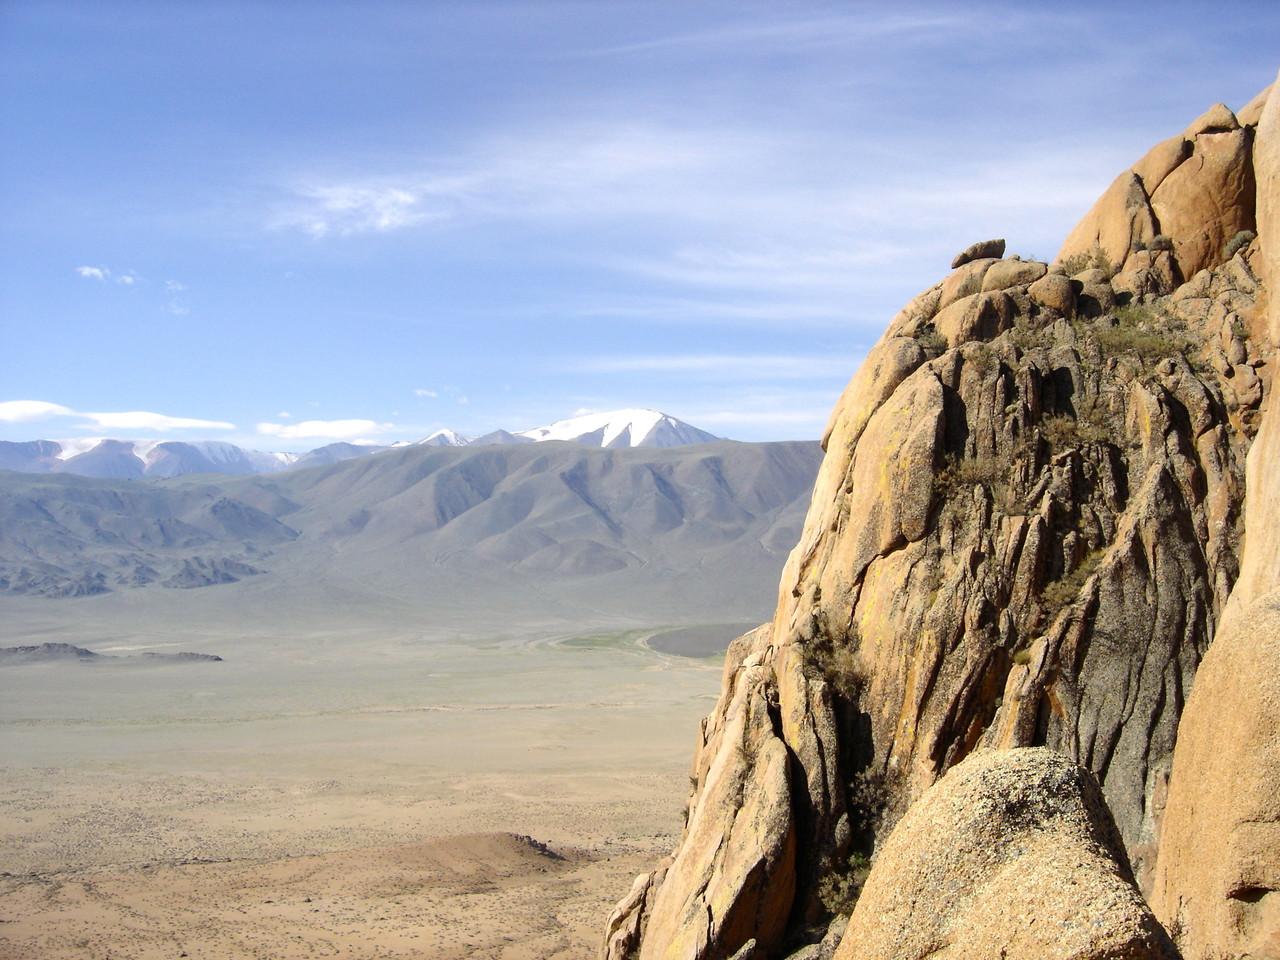 Les cimes enneigées de l'Altai